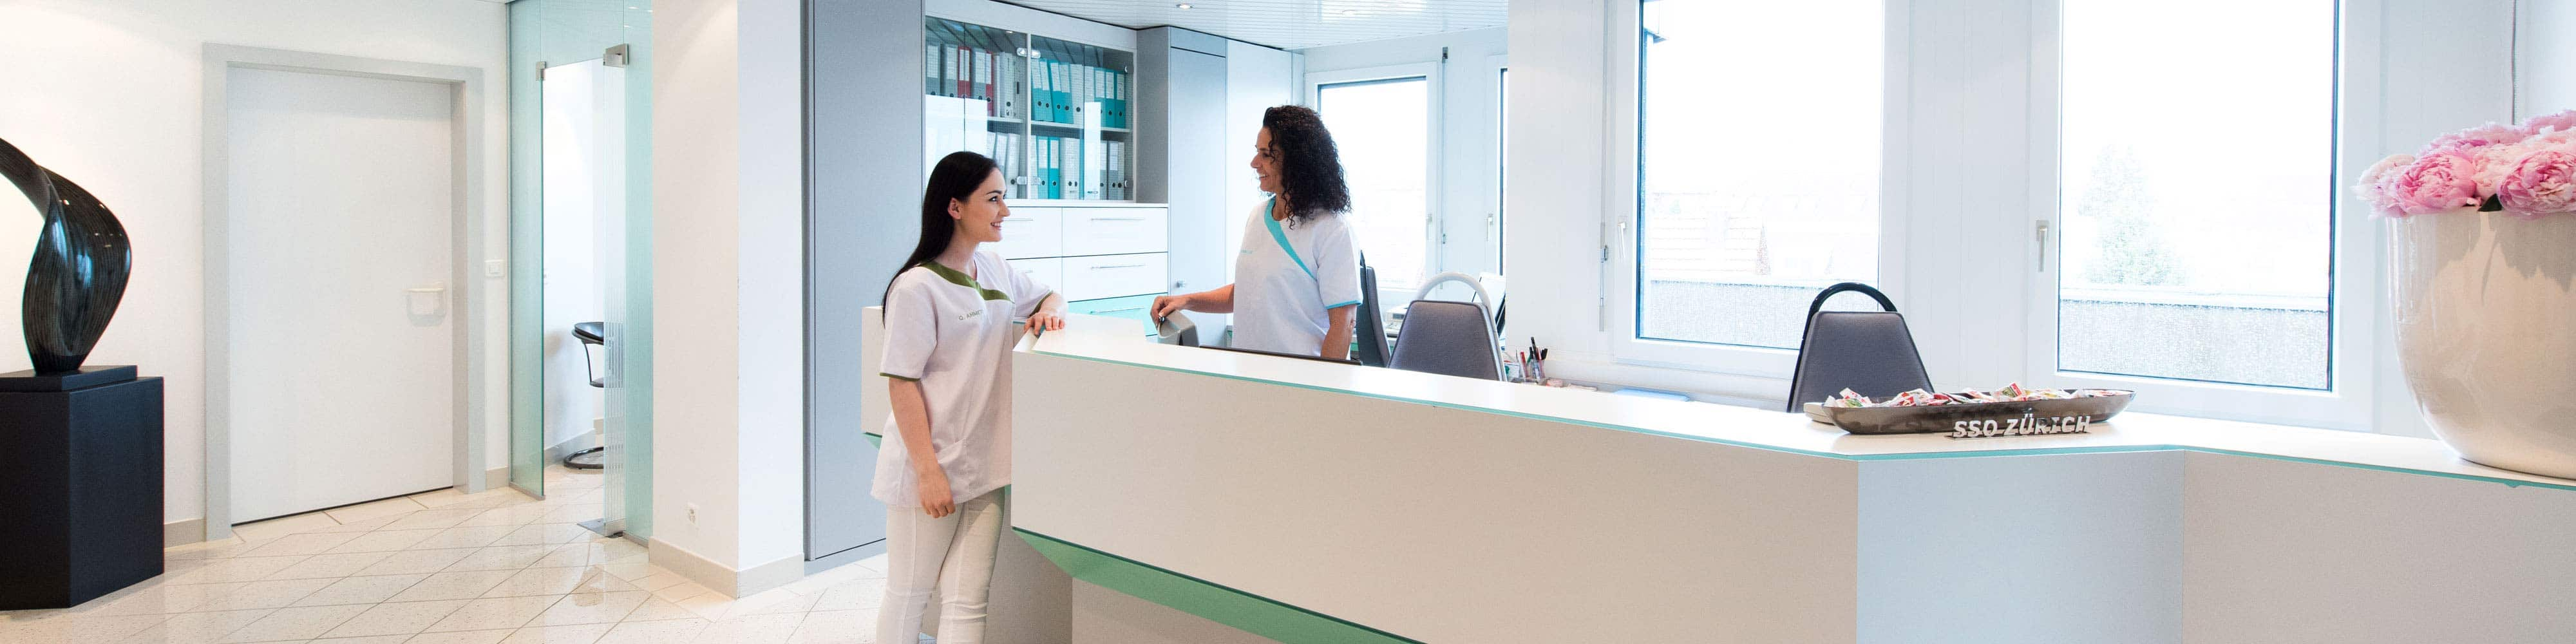 Cassani Zahnarzt – Ihr Zahnarzt in der Region